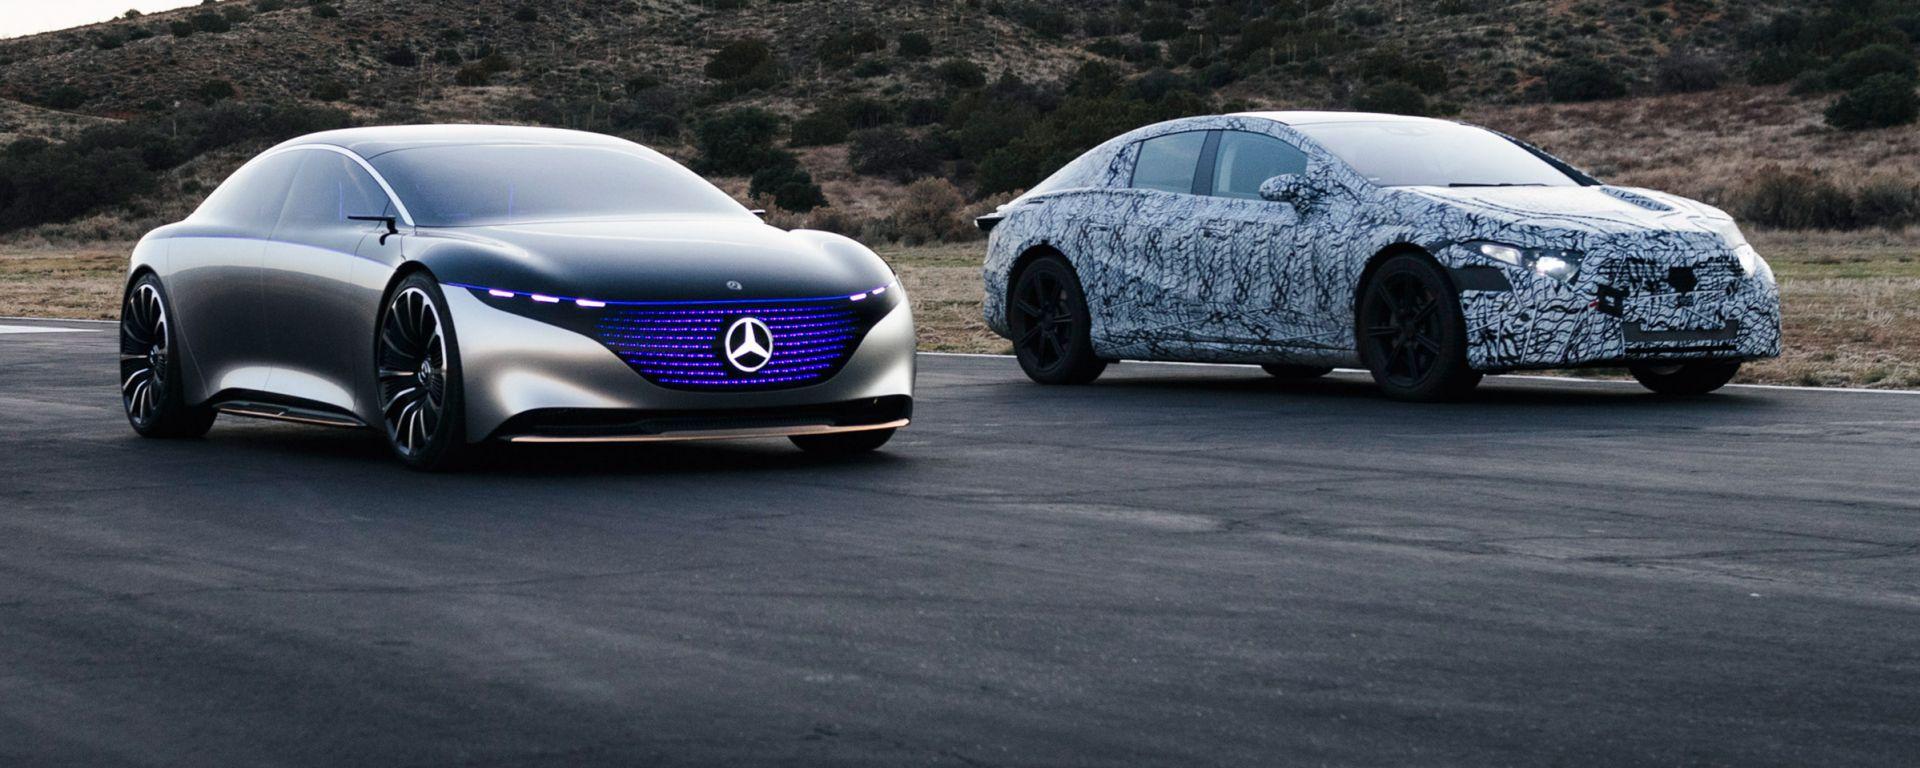 Mercedes EQS ed EQS Vision: prototipo da salone accanto al muletto